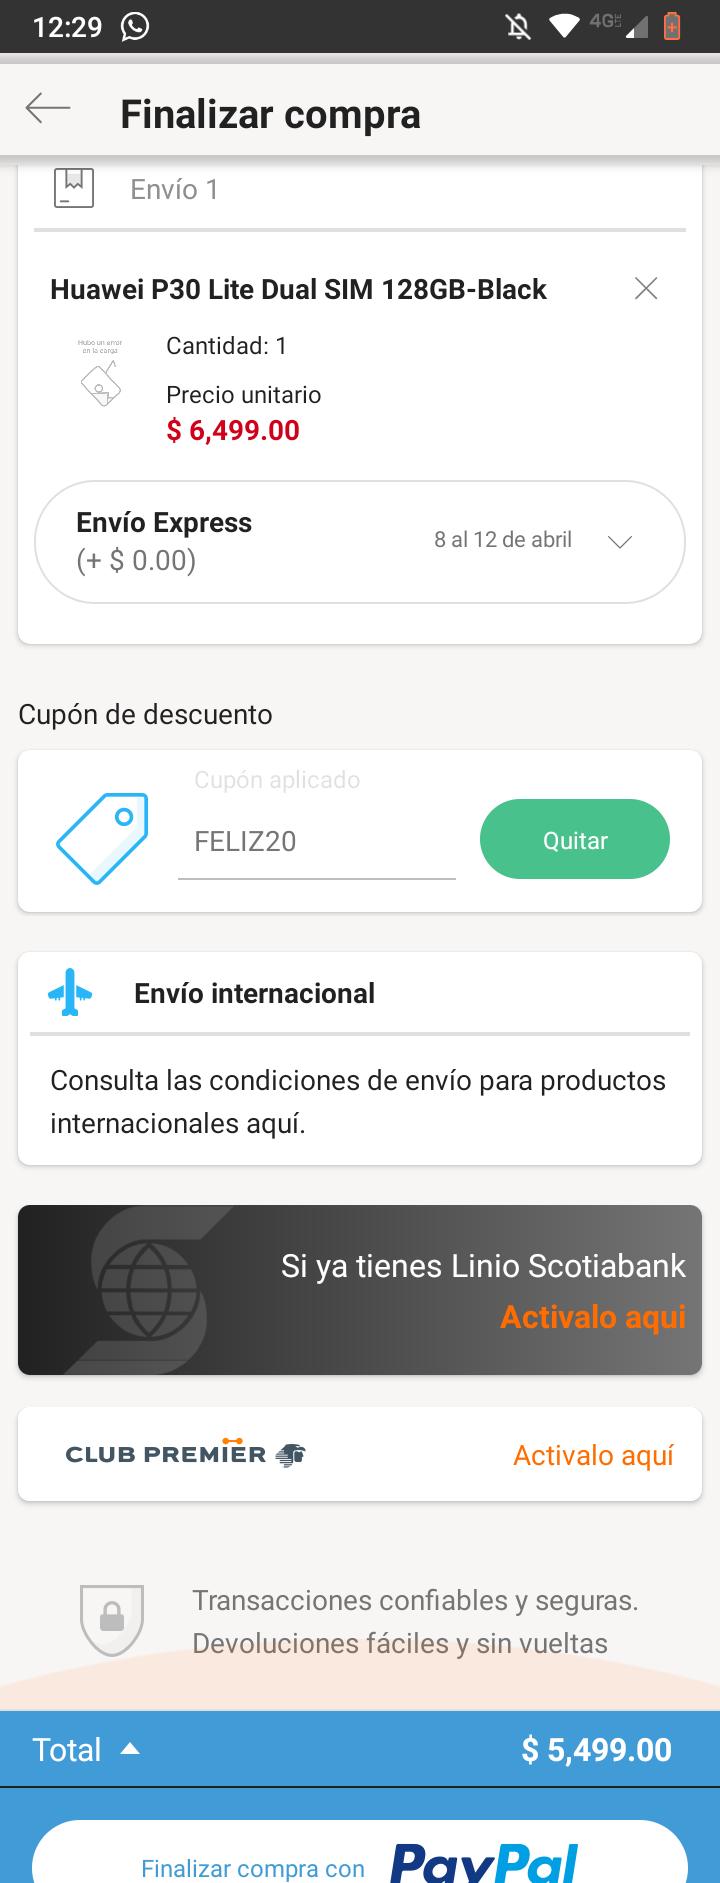 Linio App: Huawei P30 Lite con cupón y PayPal (envío Internacional)